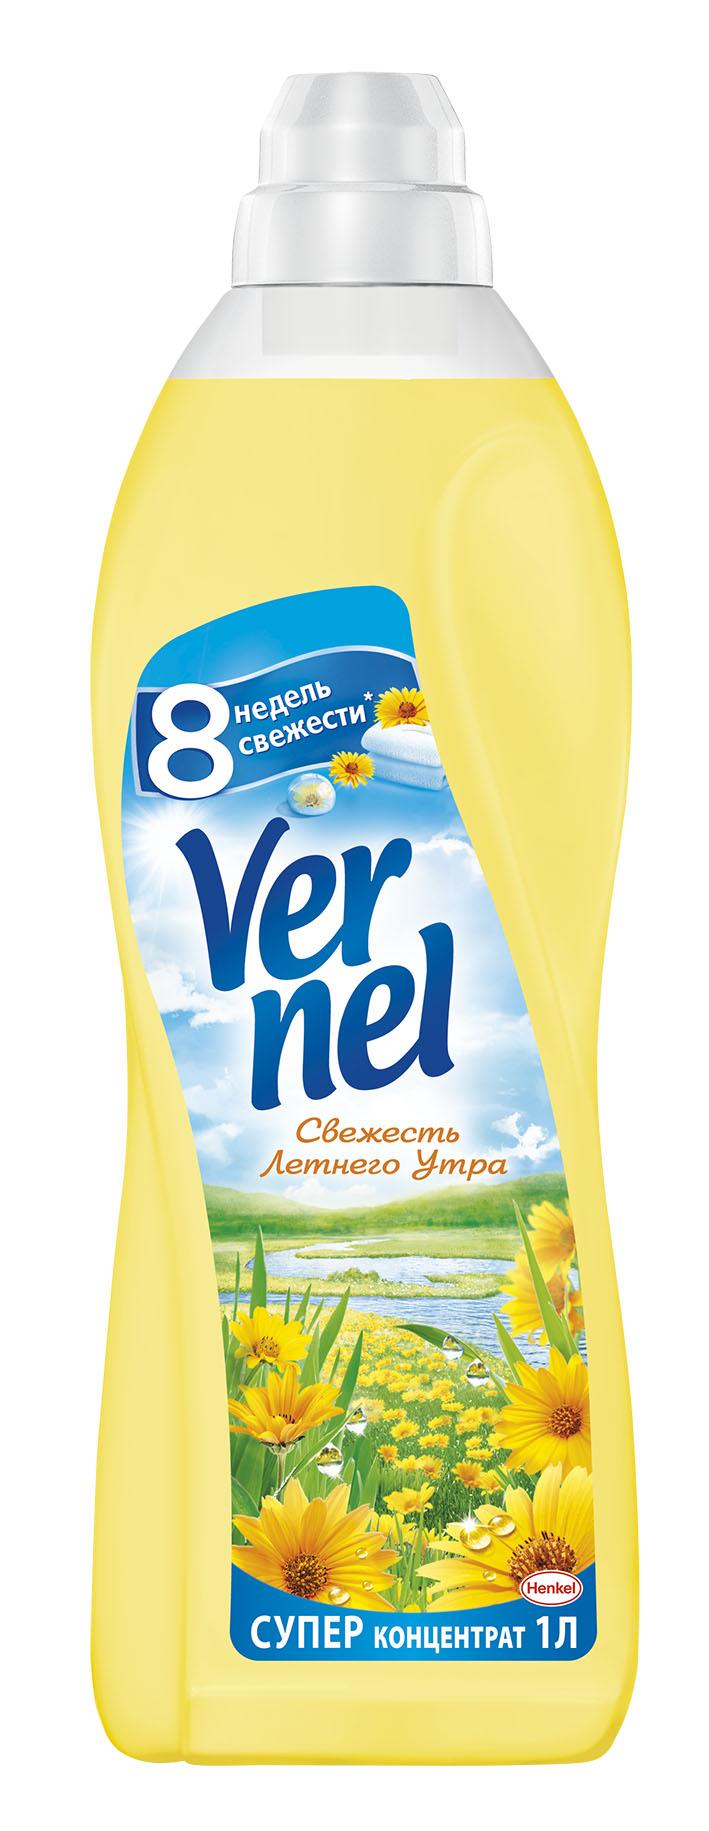 Кондиционер для белья Vernel Свежесть Летнего Утра 1л904663С новой Классической линейкой Vernel свежесть белья длится до 8 недель. Новая формула Vernel обогащена аромакапсулами, которые обеспечивают длительную свежесть. Более того, кондиционеры для белья Vernel придают белью невероятную мягкость, такую же приятную, как и ее запах.Свойства кондиционера для белья Vernel:1. Придает мягкость2. Придает приятный аромат3. Обладает антистатическим эффектом4. Облегчает глажениеДо 8 недель свежести при условии хранения белья без использования благодаря аромакапсуламСостав: Состав: 5-15% катионные ПАВ; Товар сертифицирован.